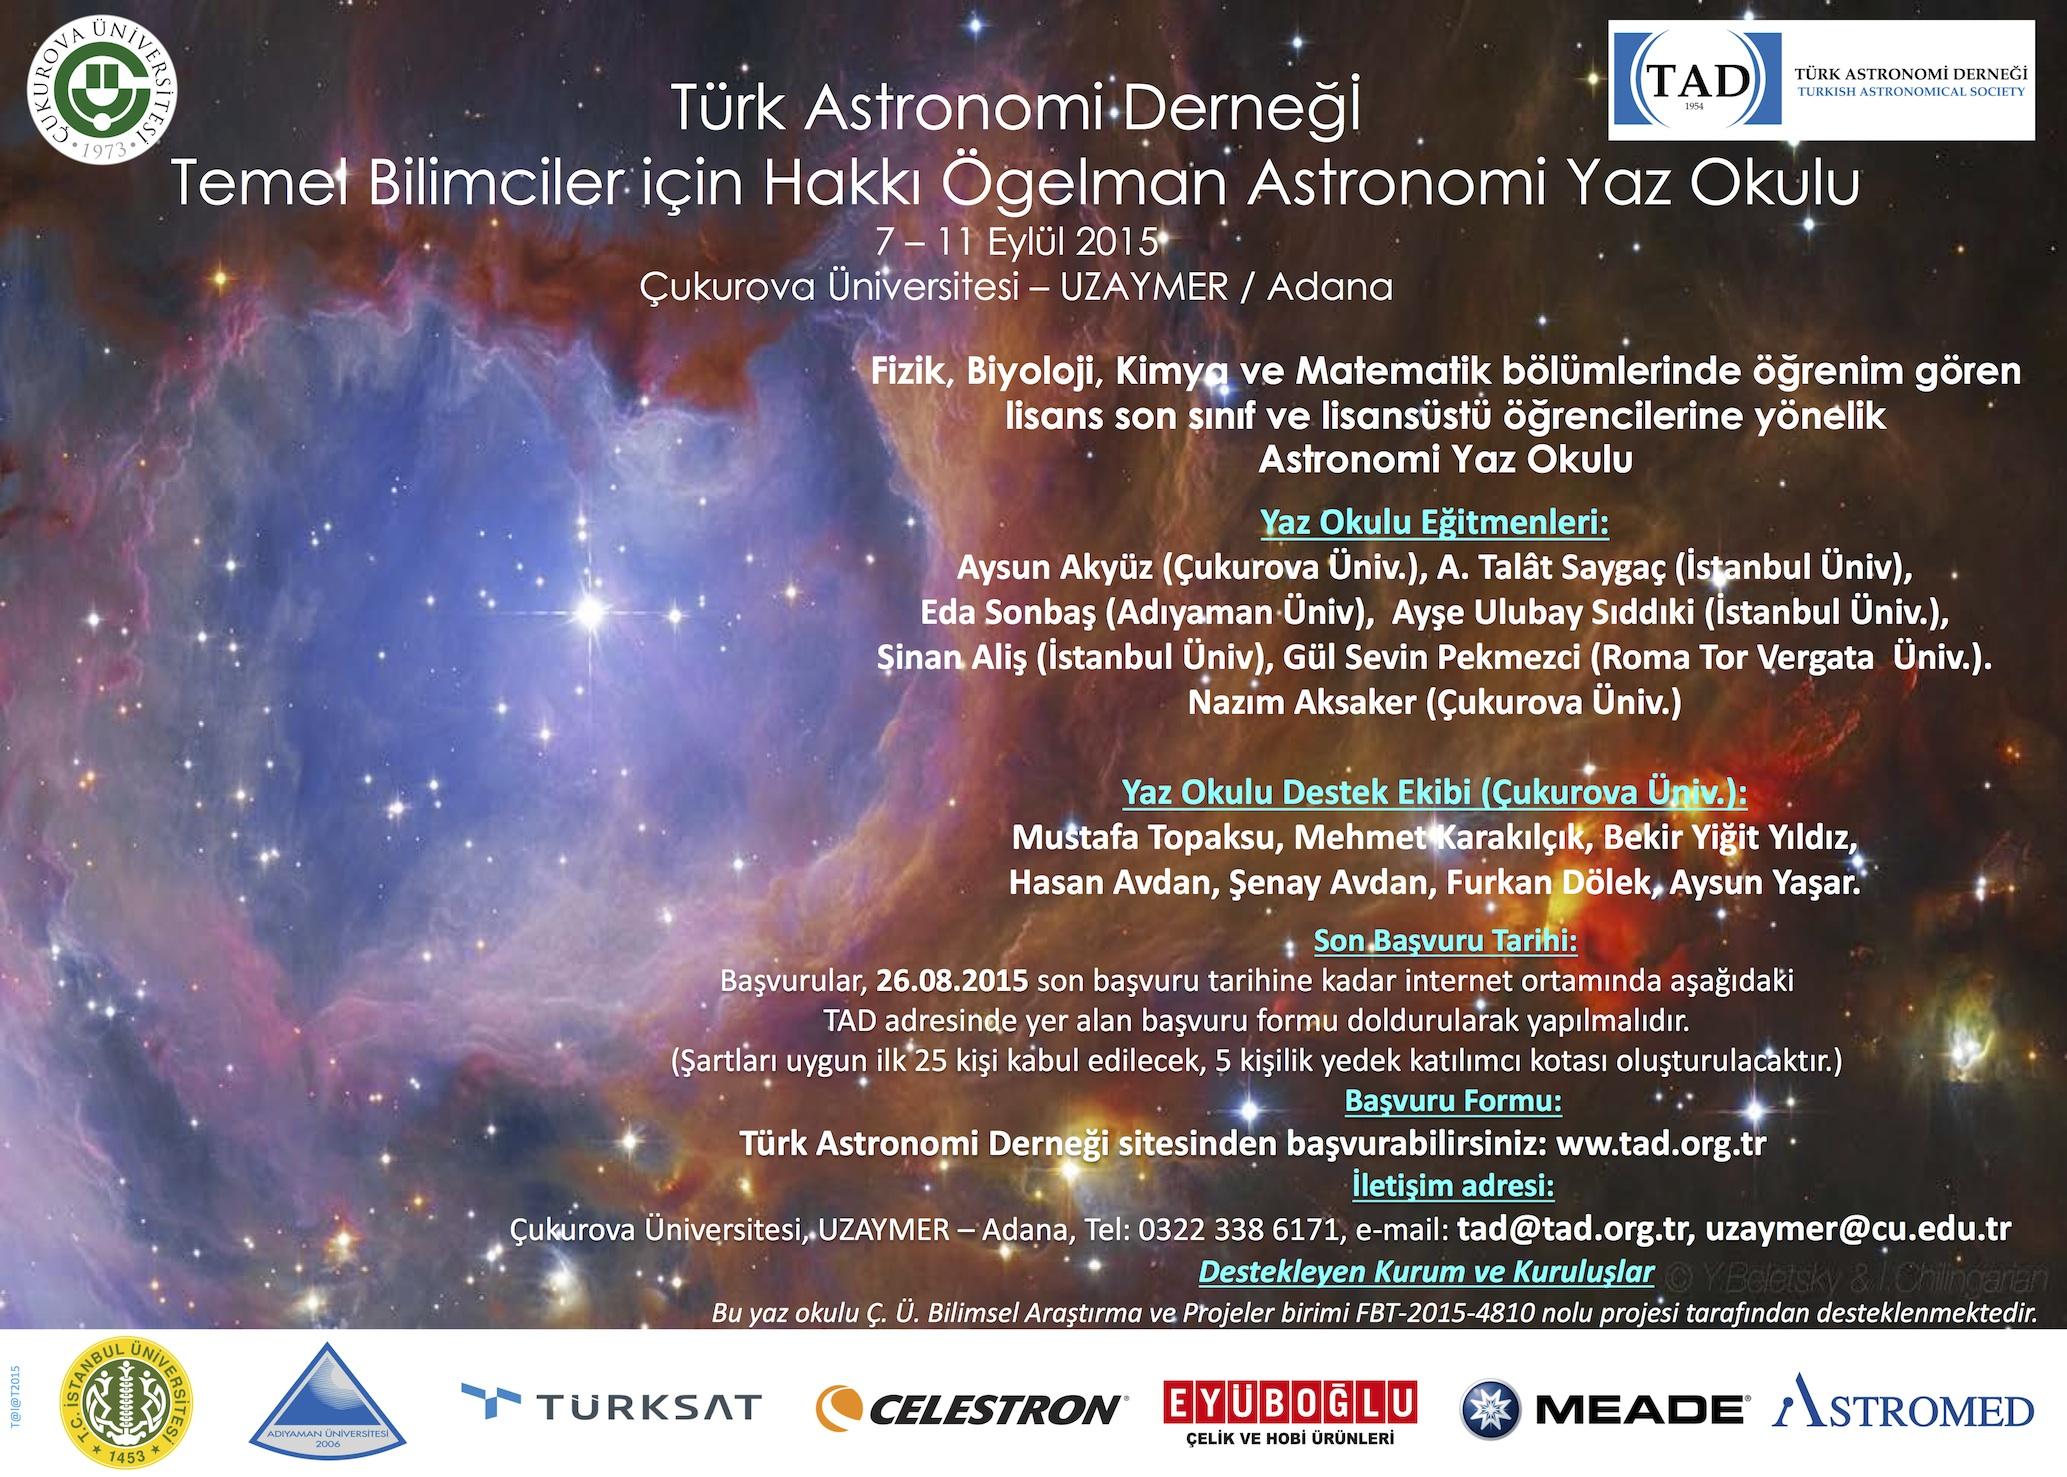 Ders optik ve teleskopların temelleri astronomi ve astrofizik